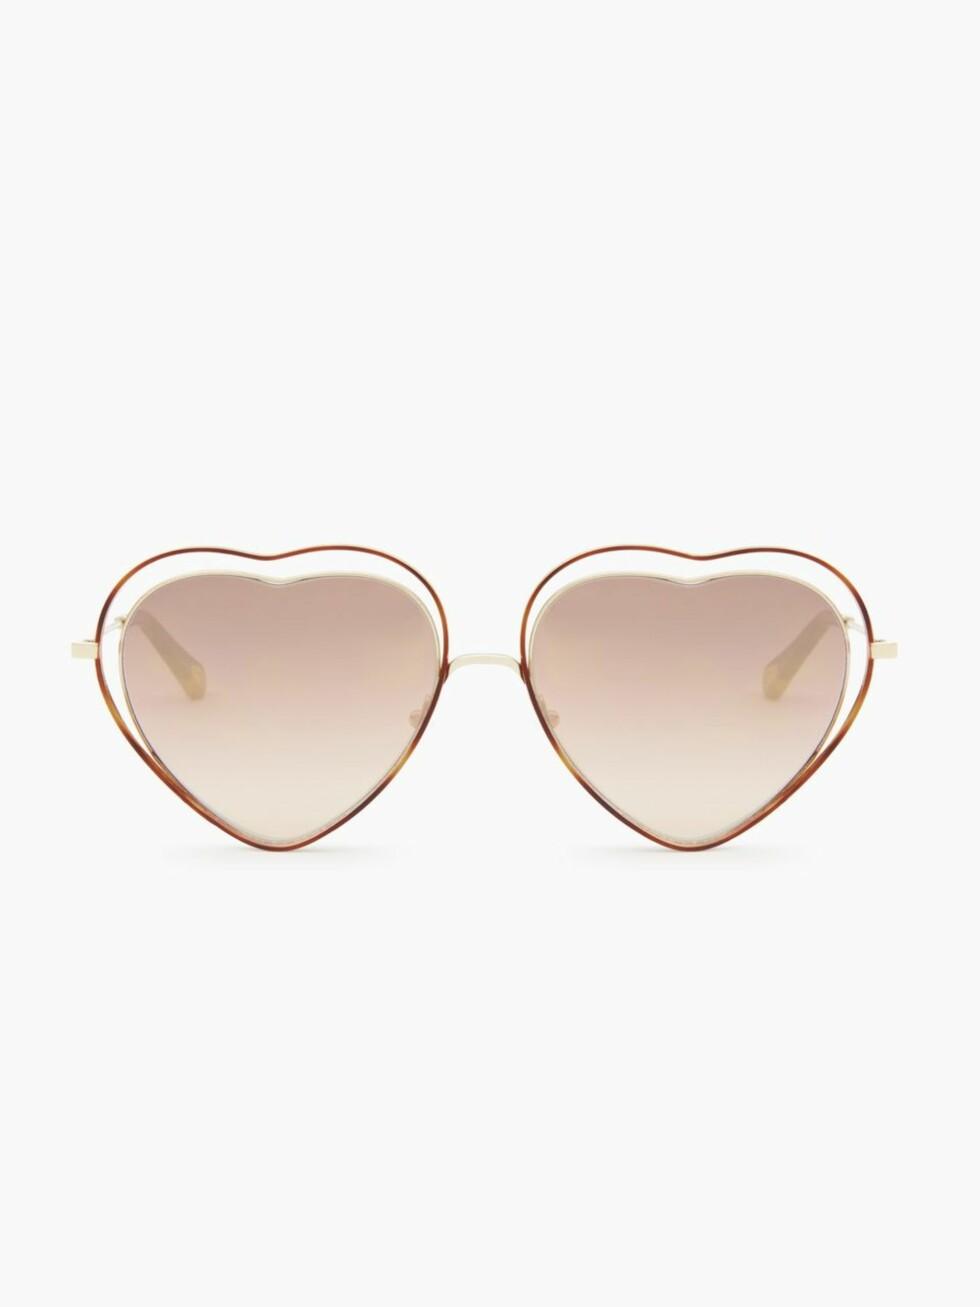 Solbriller fra Chloe |2400,-| https://www.chloe.com/no/sunglasses_cod46562031po.html